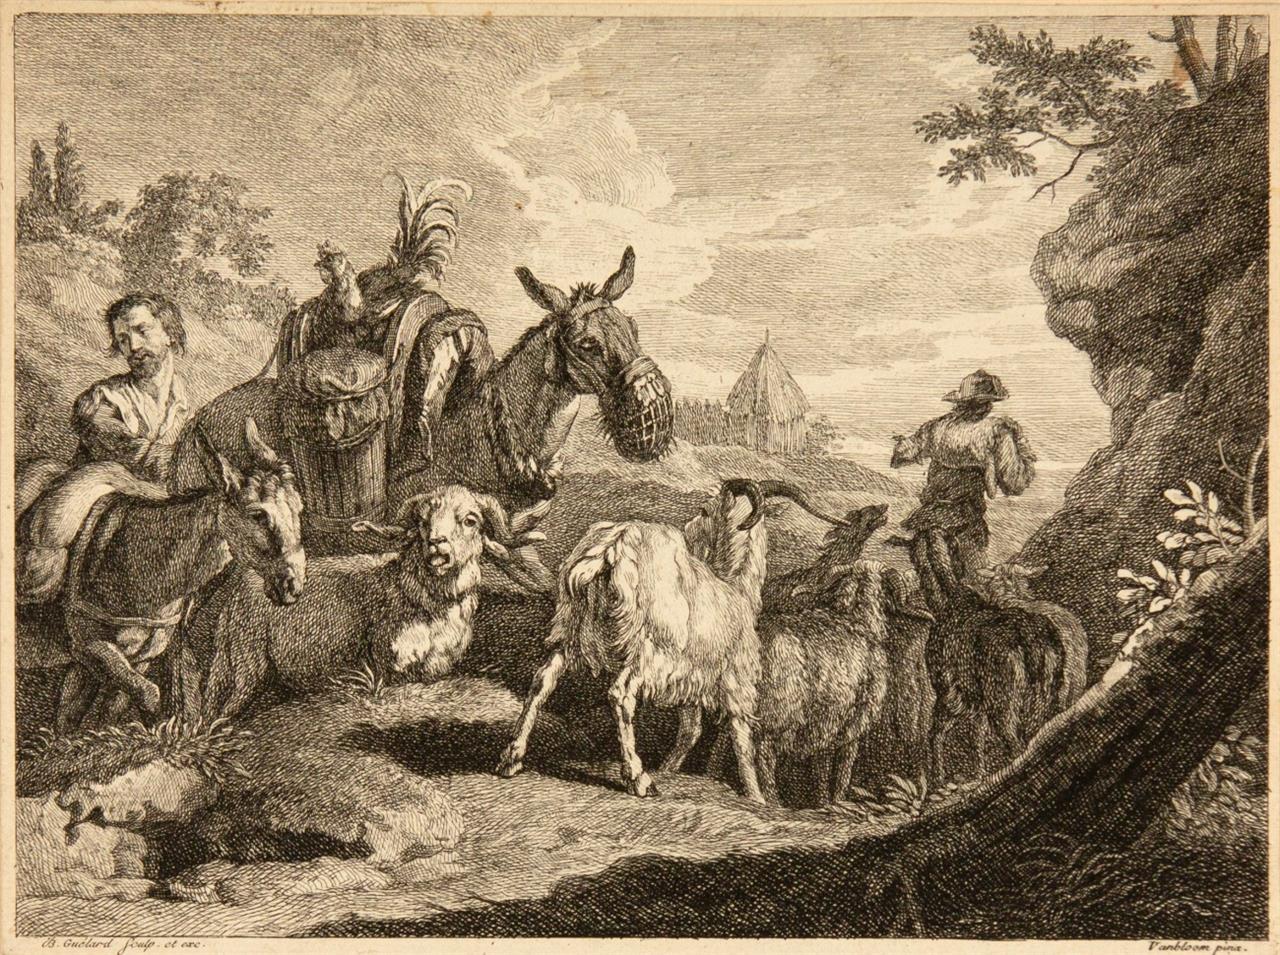 P. van Bloemen, nach. Ziegenherde mit Hirten und Eseln / Liegende Kühe und Ziegen. 2 Blatt Radierungen von J.B. Guélard.